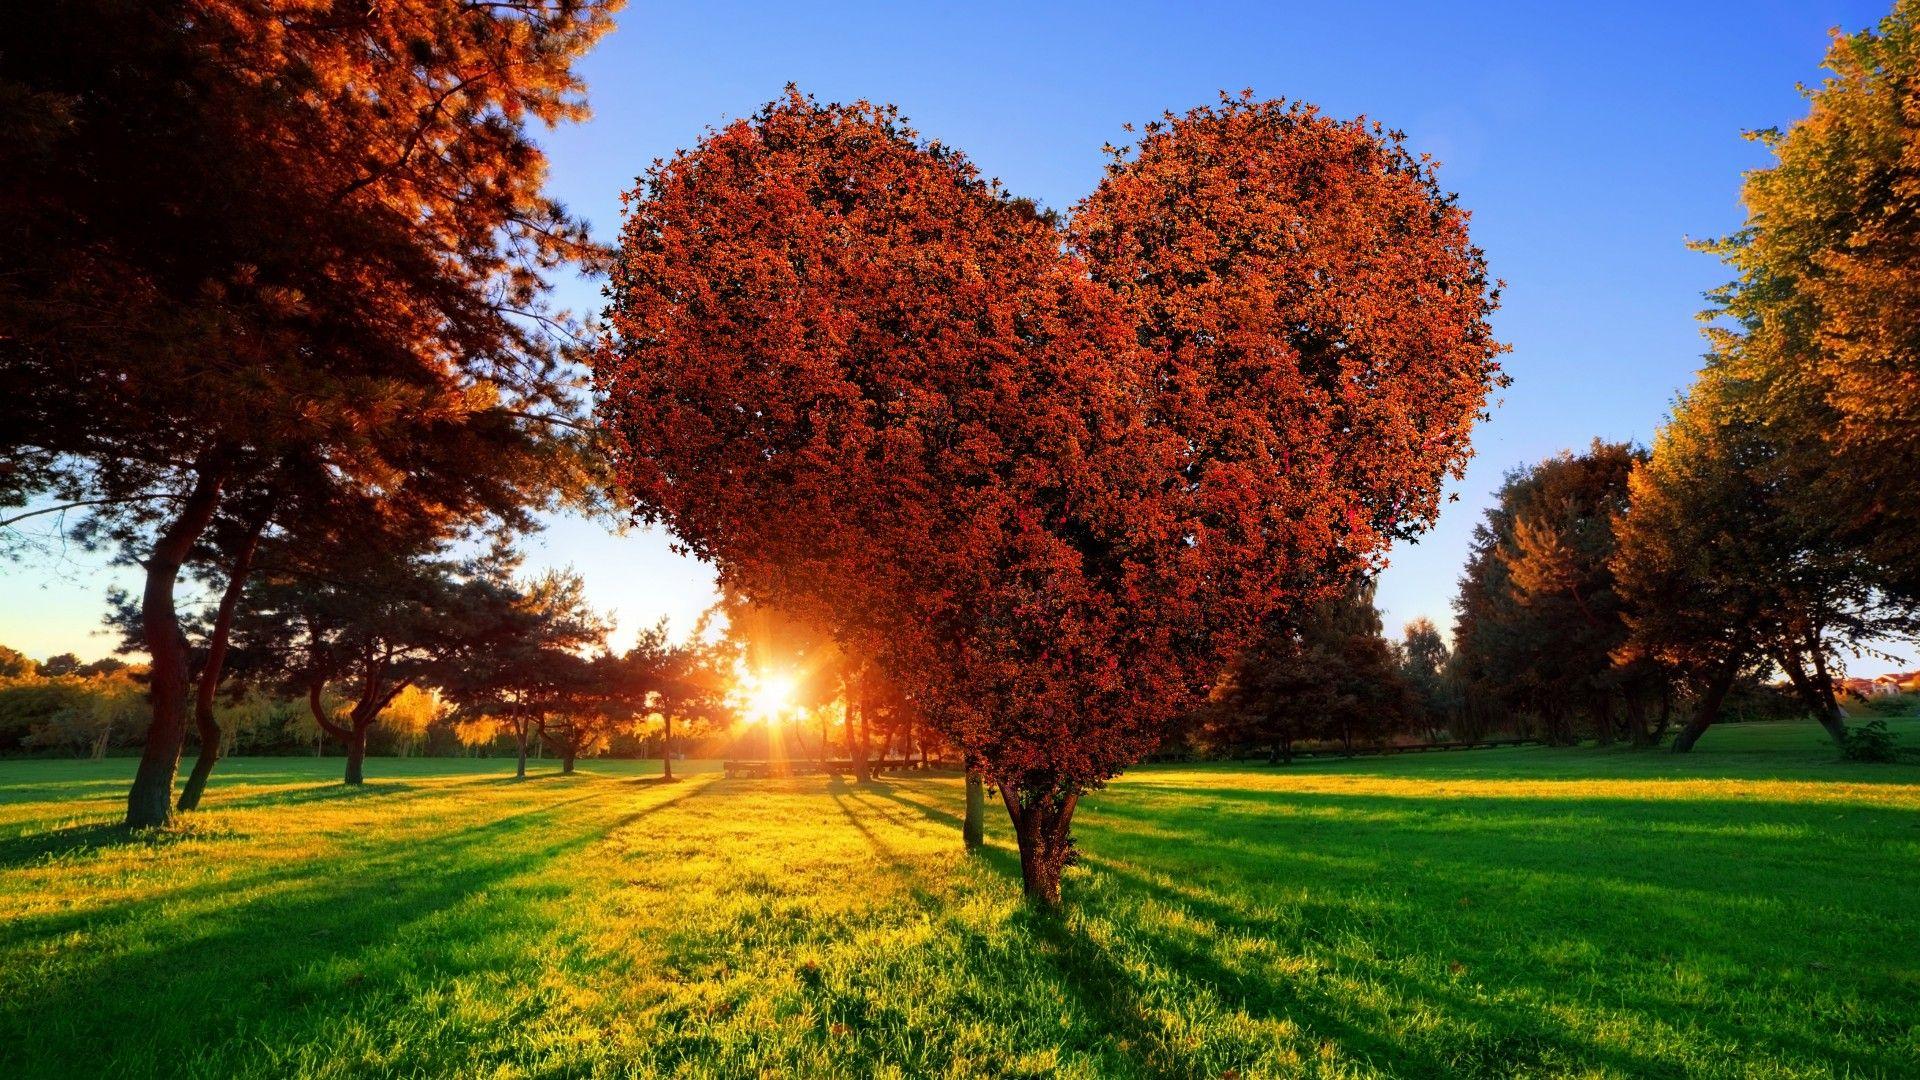 árbol En Forma De Corazón Full Hd En Fondos 1080 Nature Heart